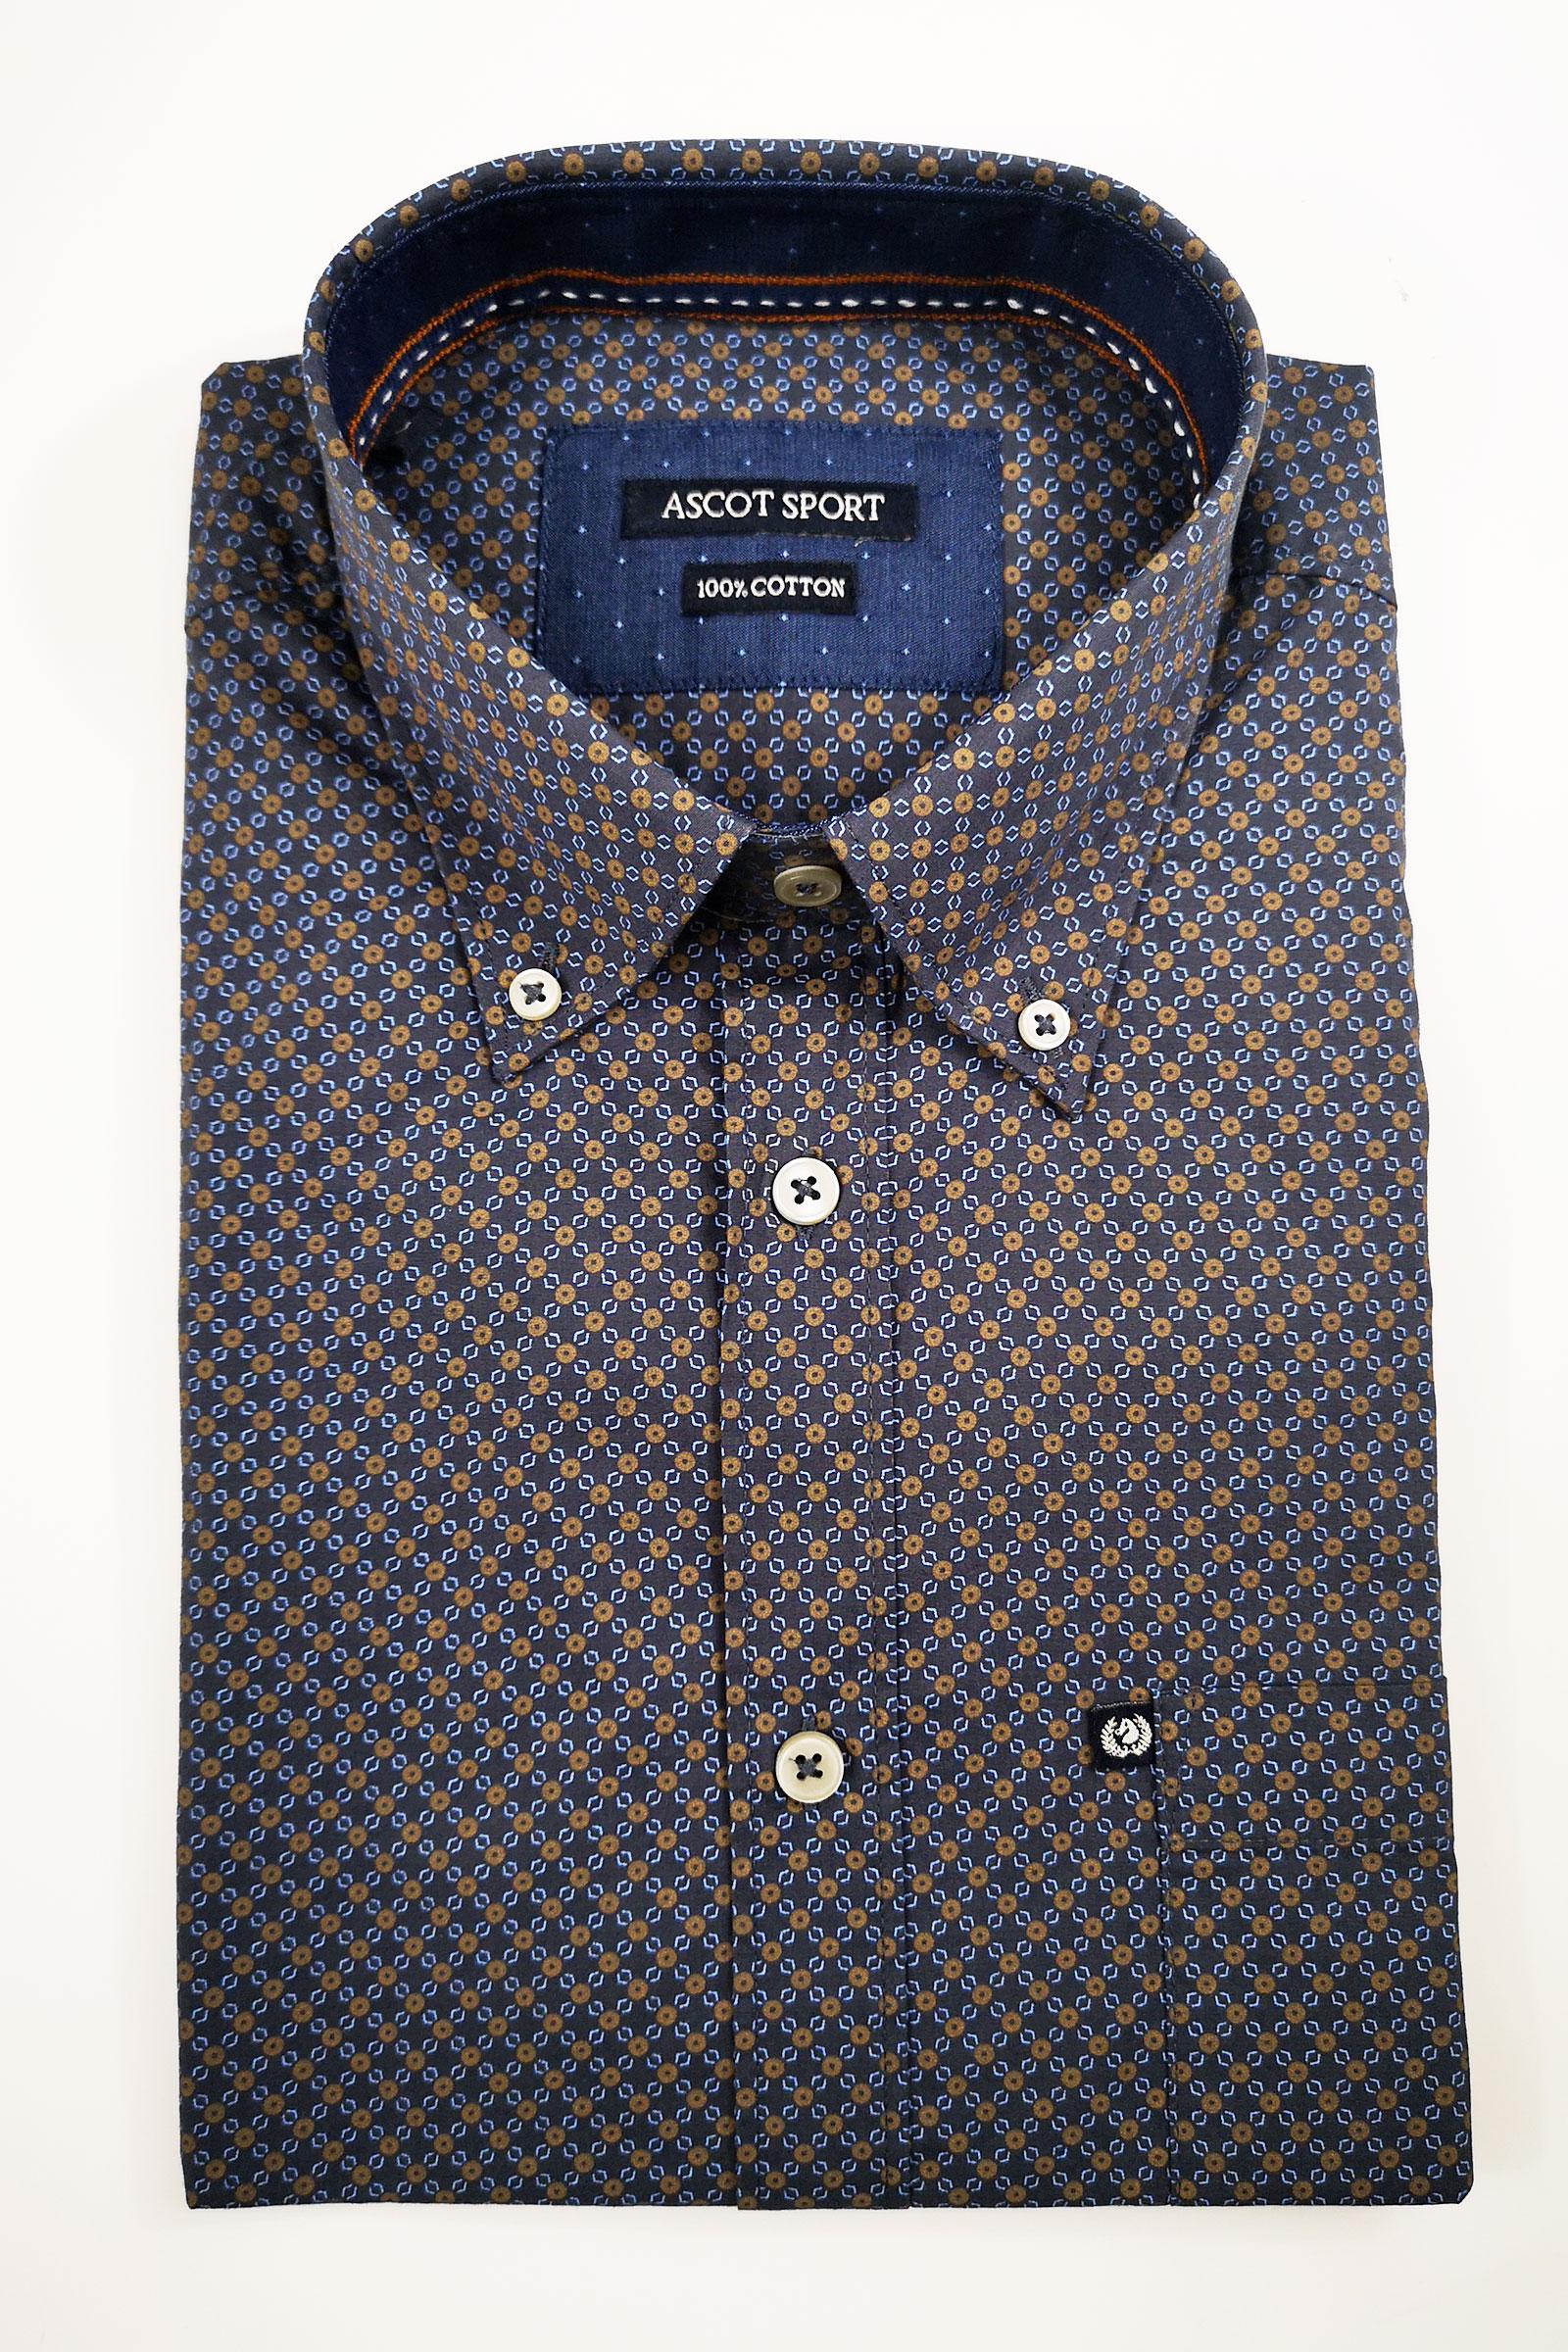 ASCOT Men's Shirt ASCOT | Shirt | 15869-20929